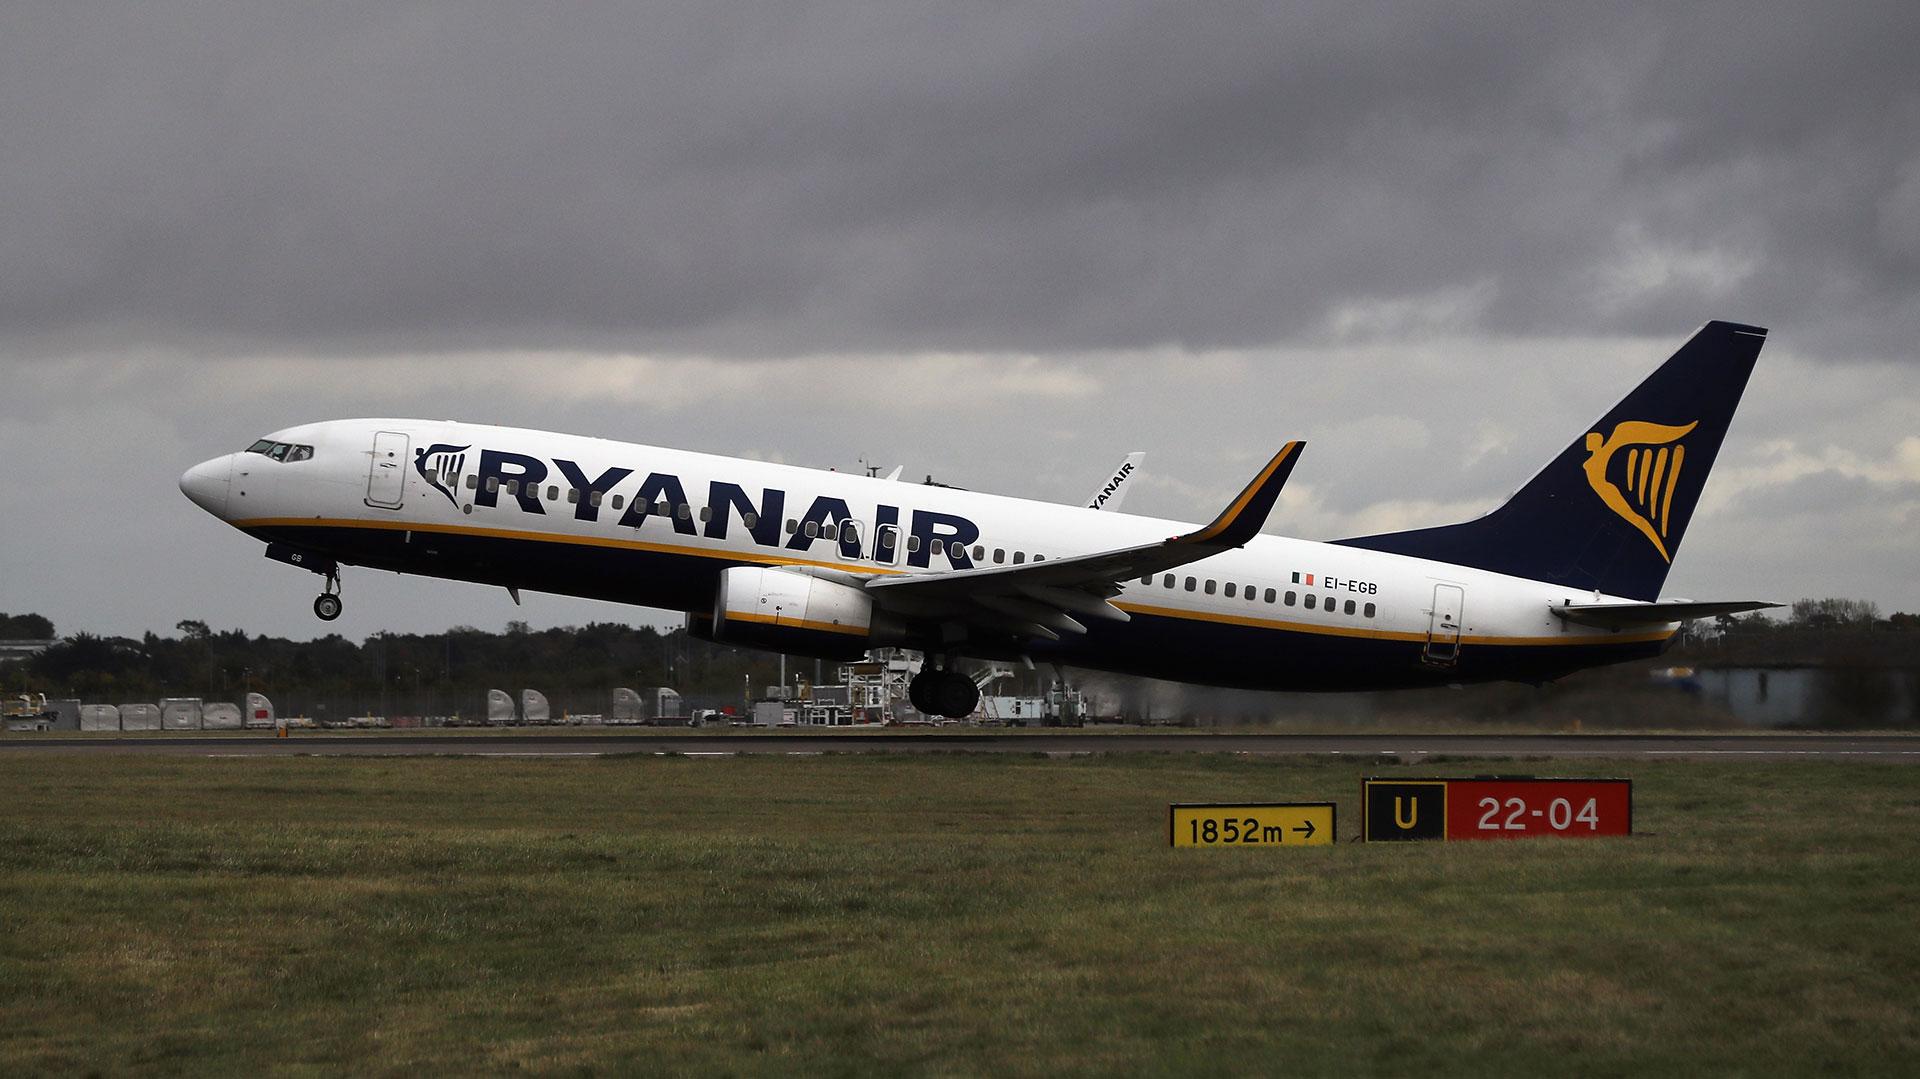 La compañía no cree que los tumbos del Boeing 787-800 hayan sido anormales ni inseguros (Getty)